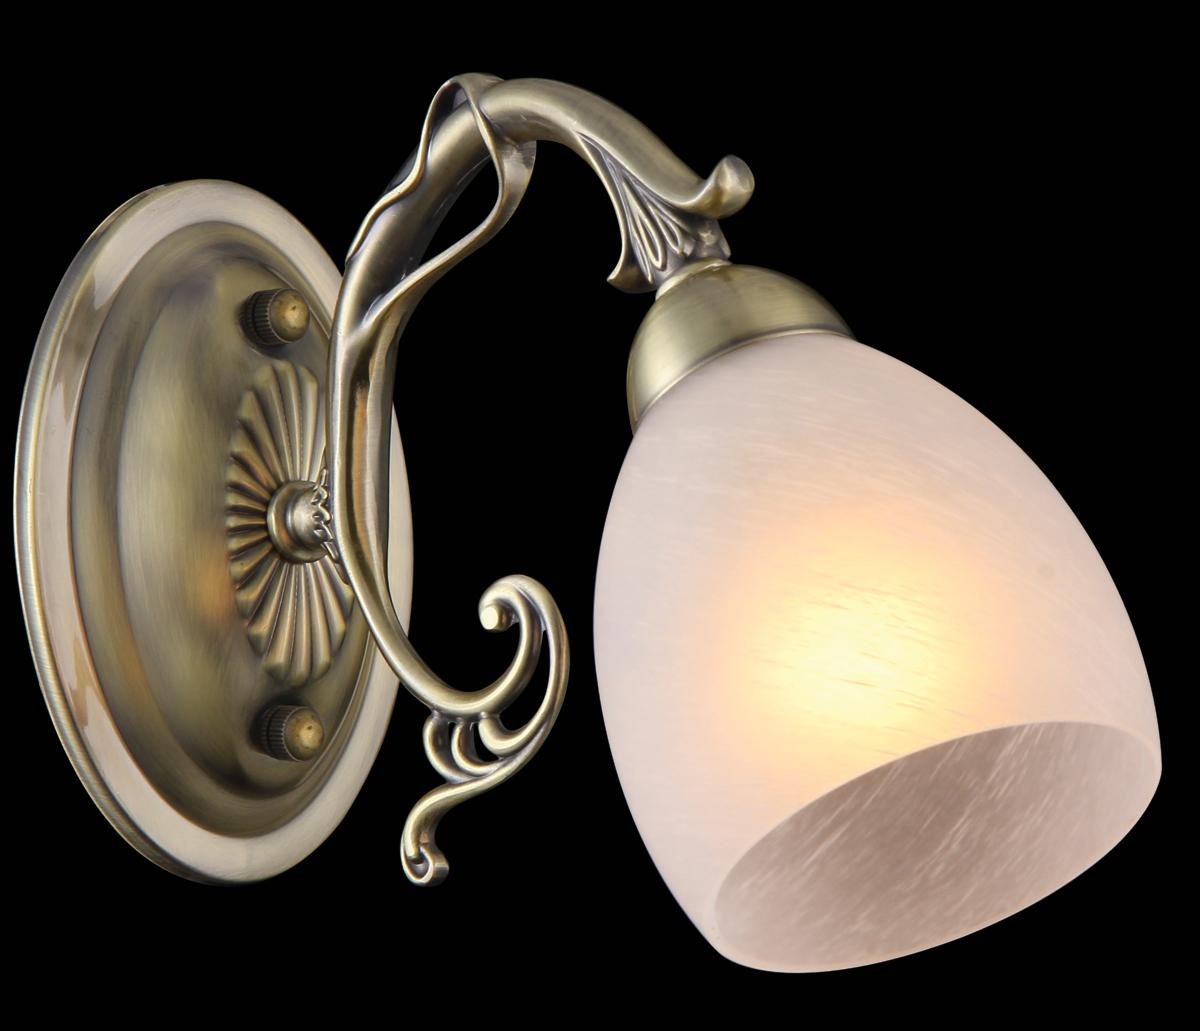 Бра Natali Kovaltseva Negresco, 1 х E14, 60W. 75034-1WNEGRESCO 75034-1W ANTIQUEБра Natali Kovaltseva, выполненное в классическом стиле, станет украшением вашей комнаты и изысканно дополнит интерьер. Изделие крепится к стене. Такое бра отлично подойдет для освещения кабинета, спальни или гостиной. Бра выполнено из металла с матовым покрытием и дополнено изысканным рельефом, плафон изготовлен из матового стекла. Бра предназначено для использования в питающей сети переменного тока с номинальным напряжением 220 В и частотой 50 Гц. В коллекциях Natali Kovaltseva представлены разные стили - от классики до хайтека. Дизайн и технологическая составляющая продукции разрабатывается в R&D центре компании, который находится в г. Дюссельдорф, Германия. При производстве продукции используются высококачественные и эксклюзивные материалы: хрусталь ASFOR, муранское стекло, перламутр, 24-каратное золото, бронза. Производство светильников соответствует стандарту системы менеджмента качества ISO 9001-2000. На всю продукцию ТМ Natali Kovaltseva распространяется гарантия.